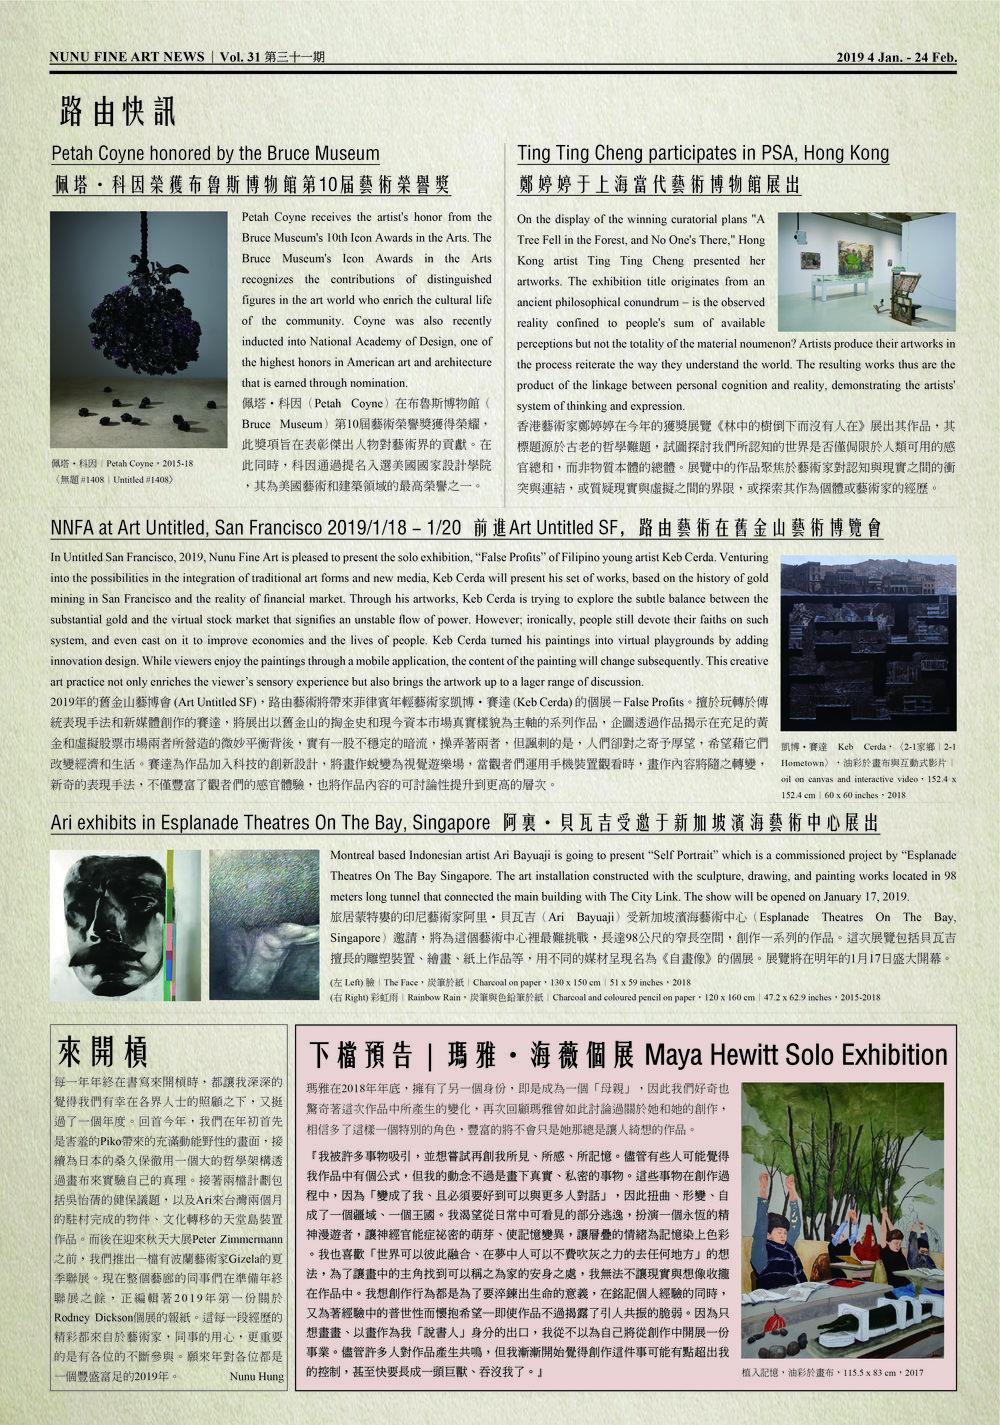 路由藝術報第31期報紙正面-01-02.jpg